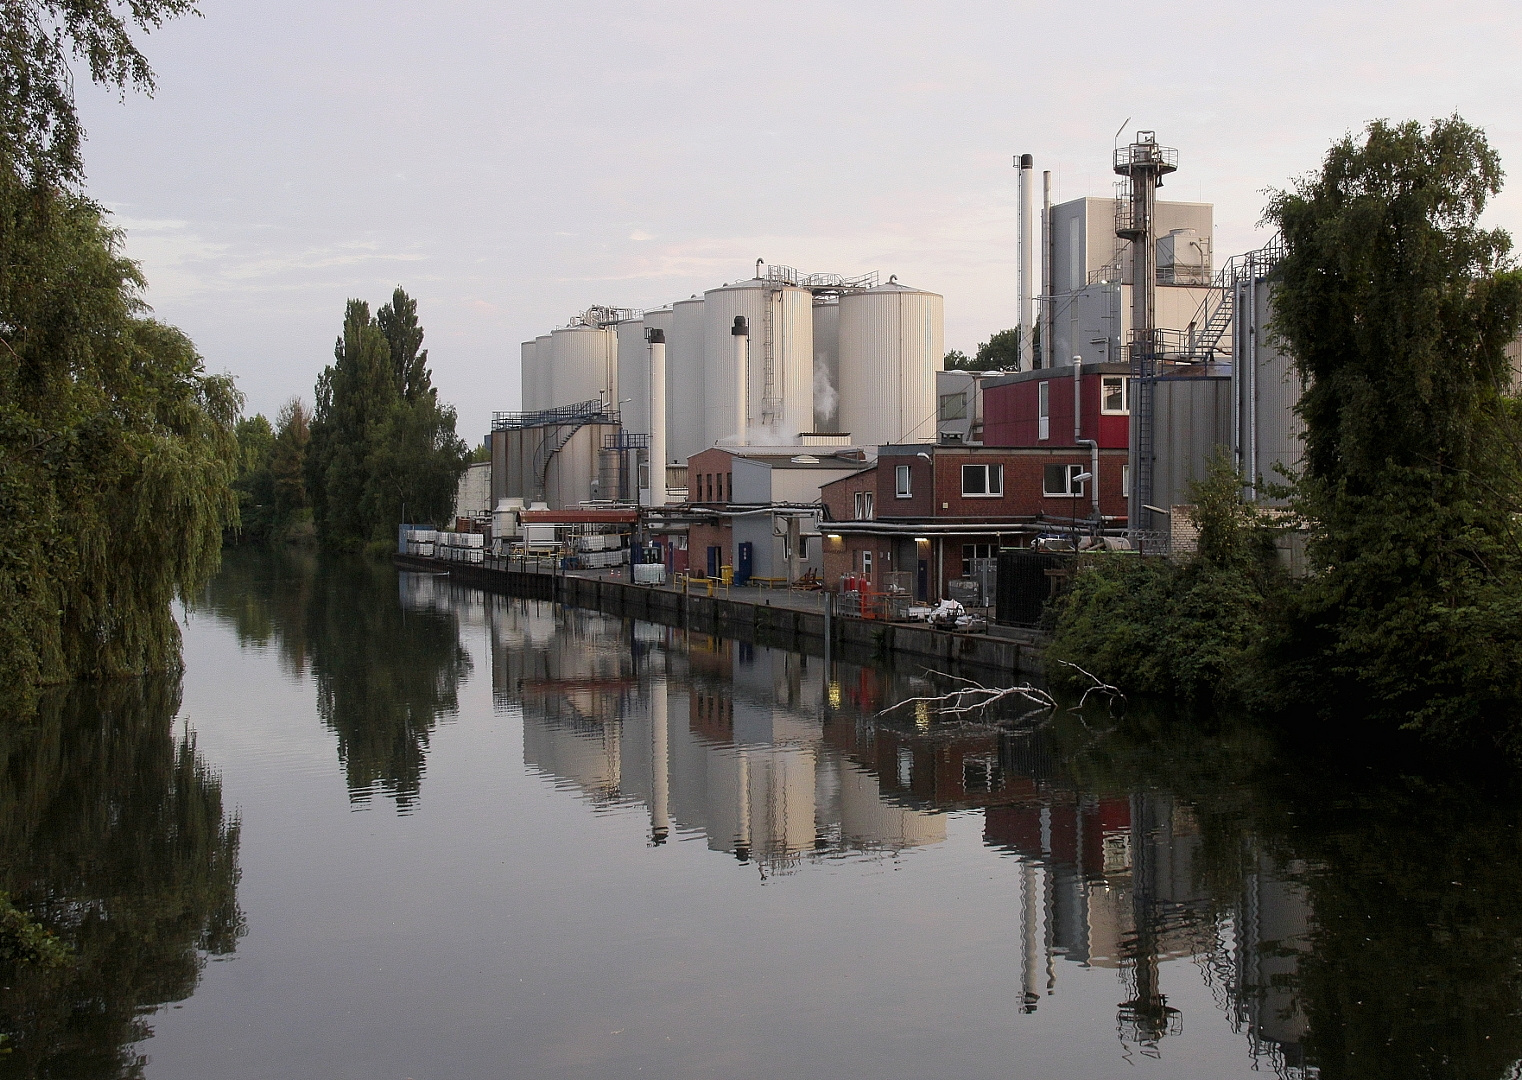 Spiegelung in seitlichem Nebenarm der Elbe